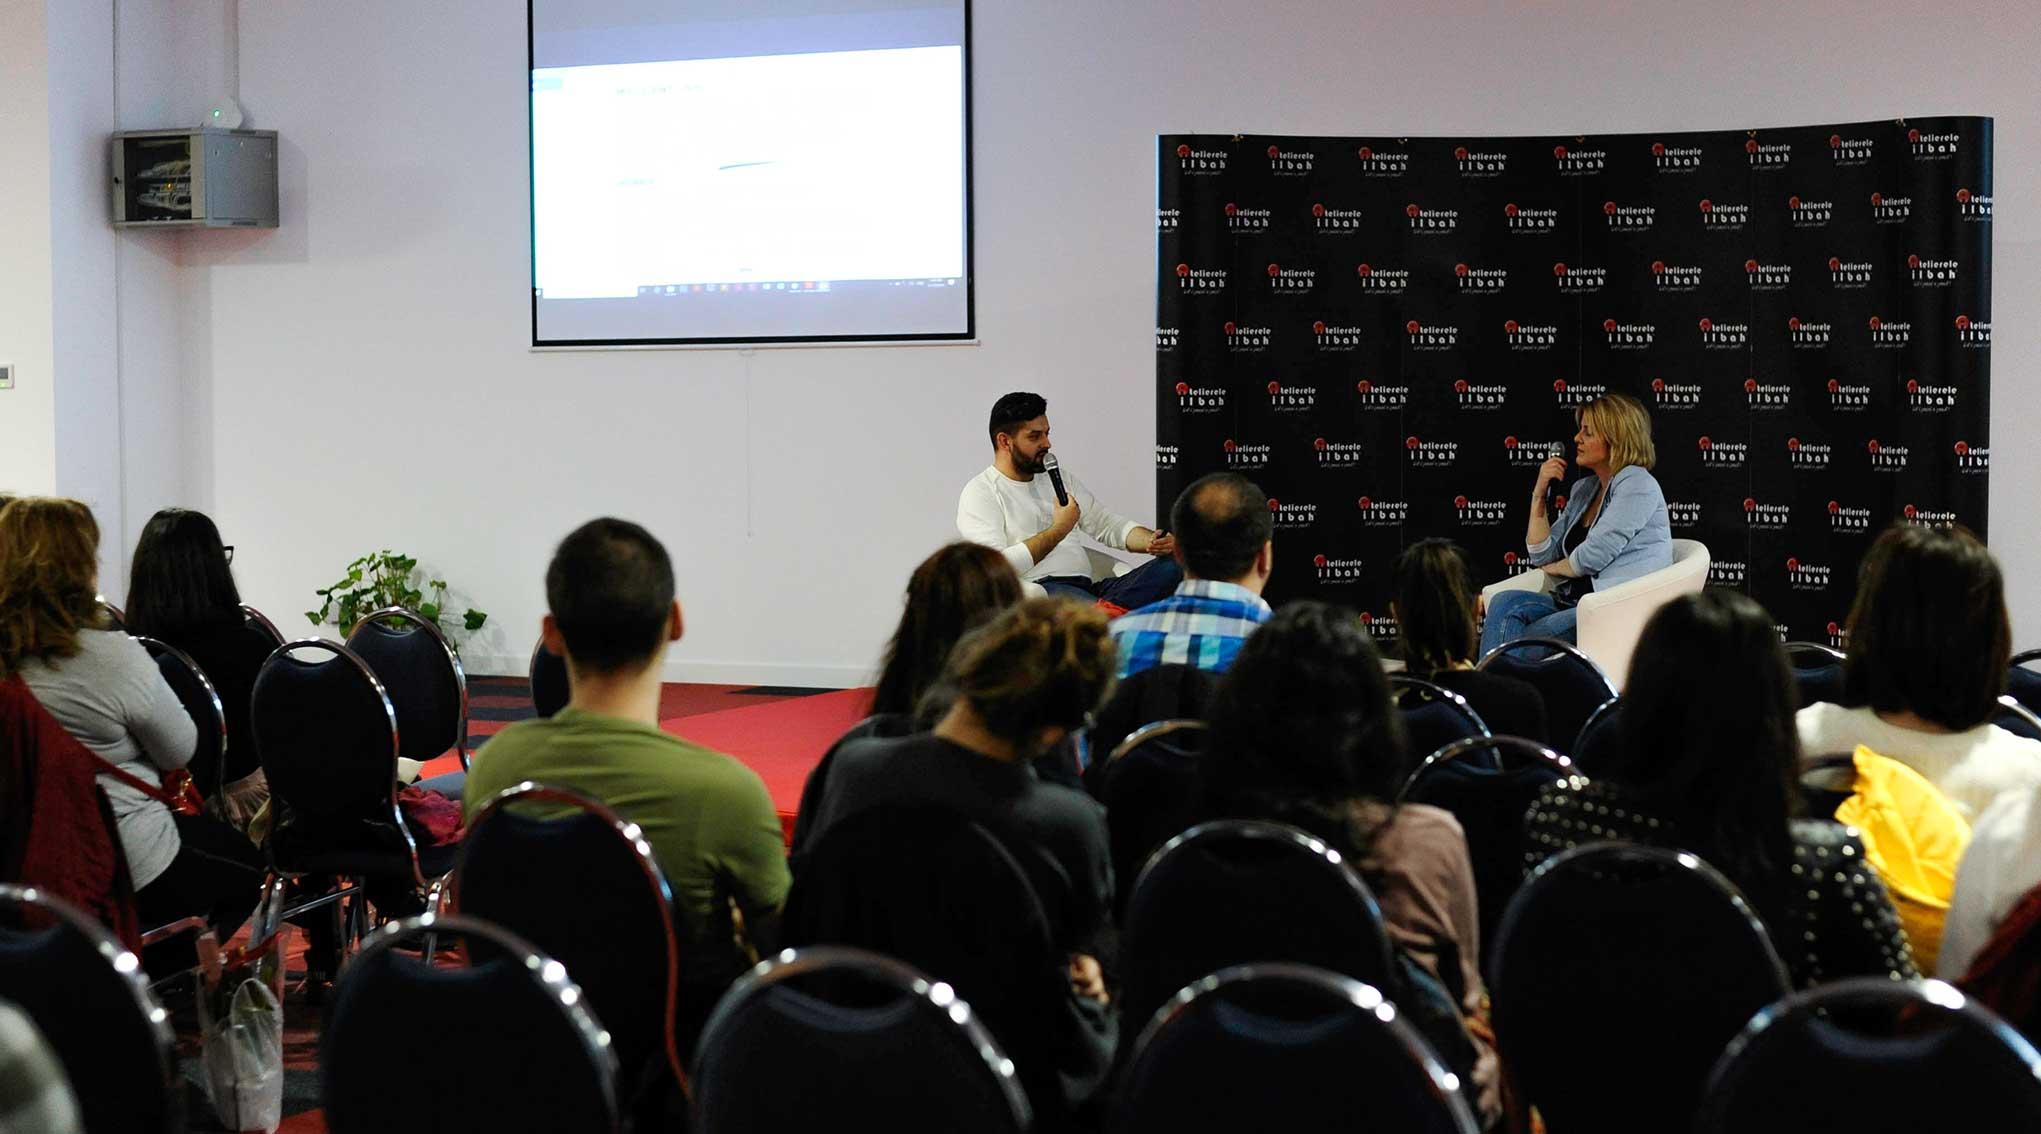 workshop-uri-demonstratii-si-conferinte-marca-atelierele-ilbah-pe-parcursul-a-4-zile-in-cadrul-romexpo-33